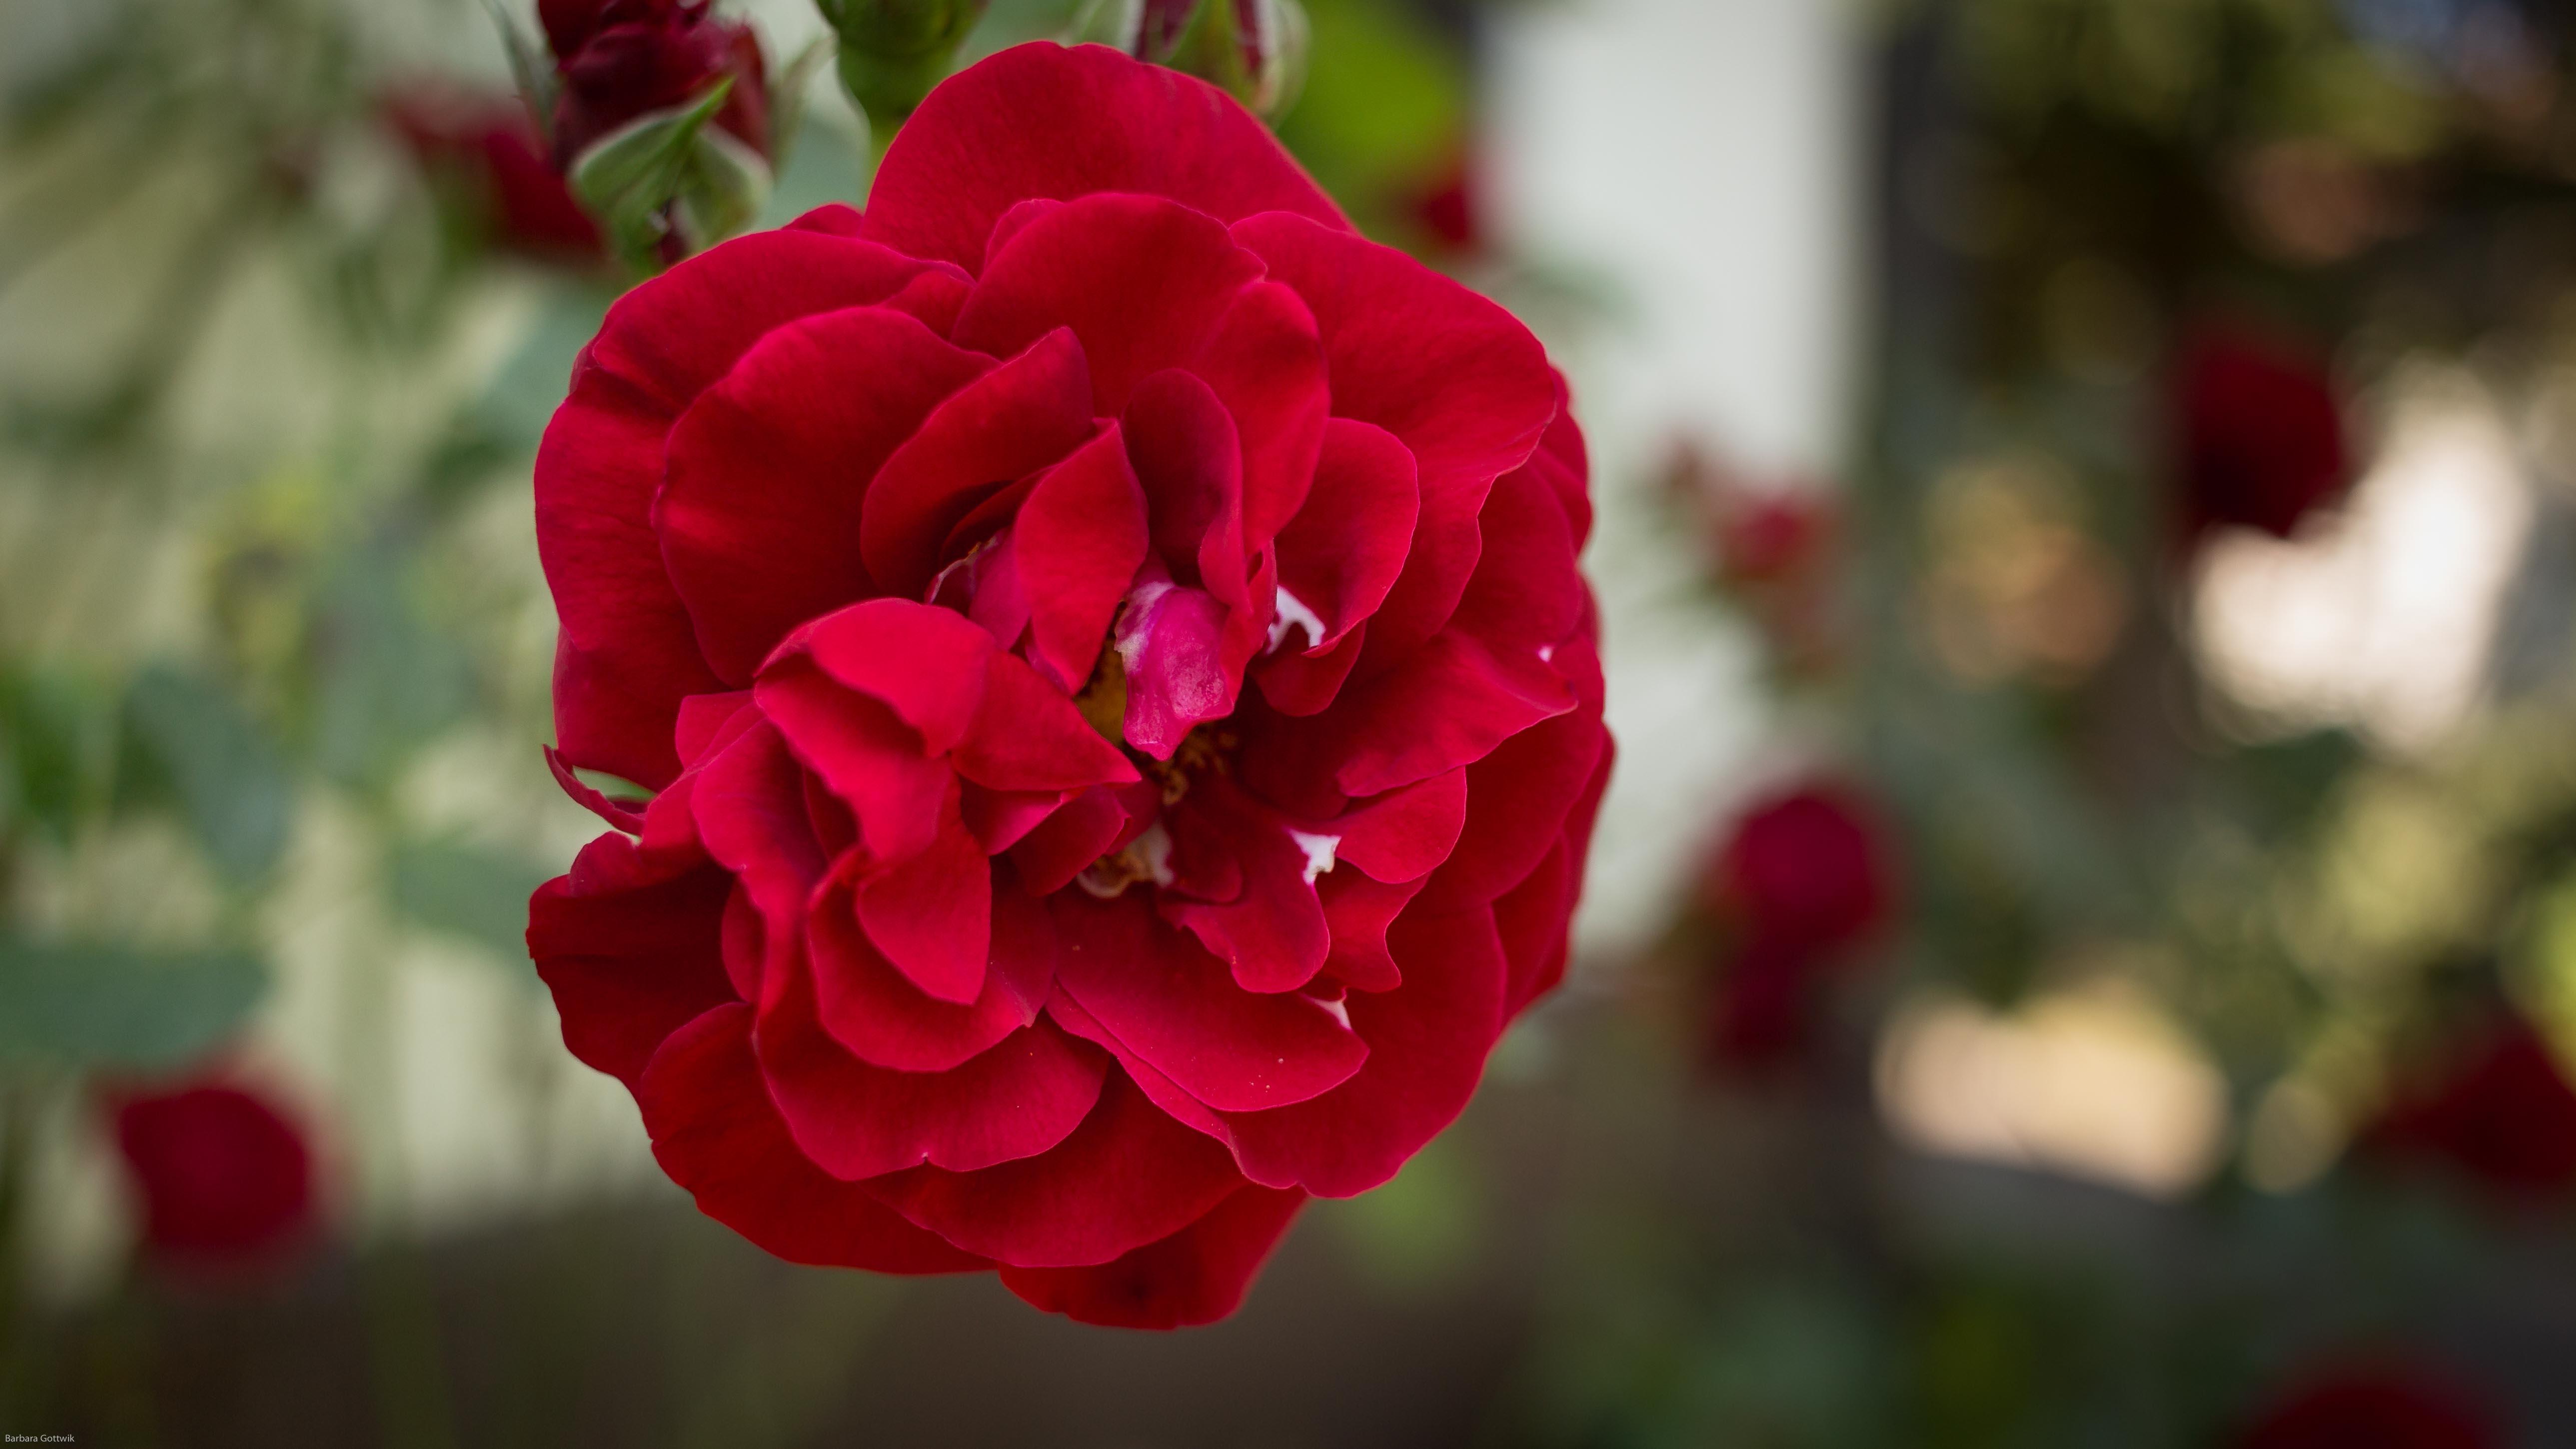 Meine rote Rosen in voller Blühte im Juni